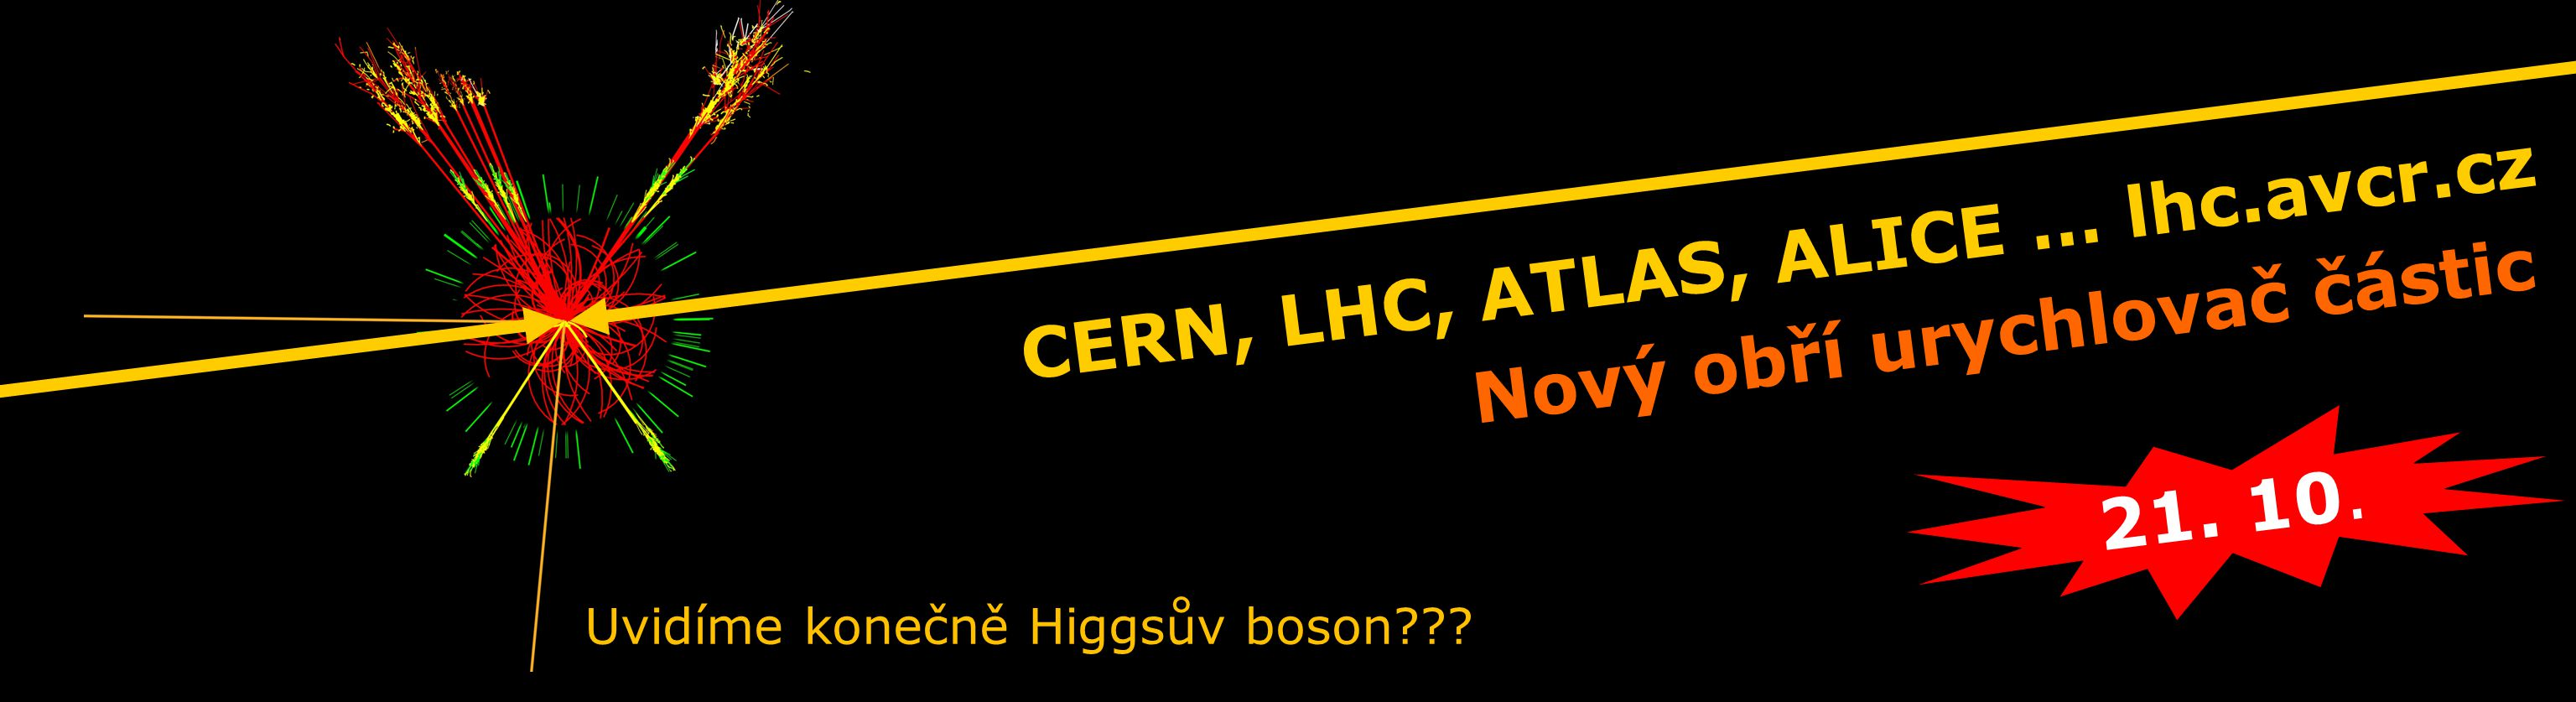 Uvidíme konečně Higgsův boson . CERN, LHC, ATLAS, ALICE … lhc.avcr.cz 21.